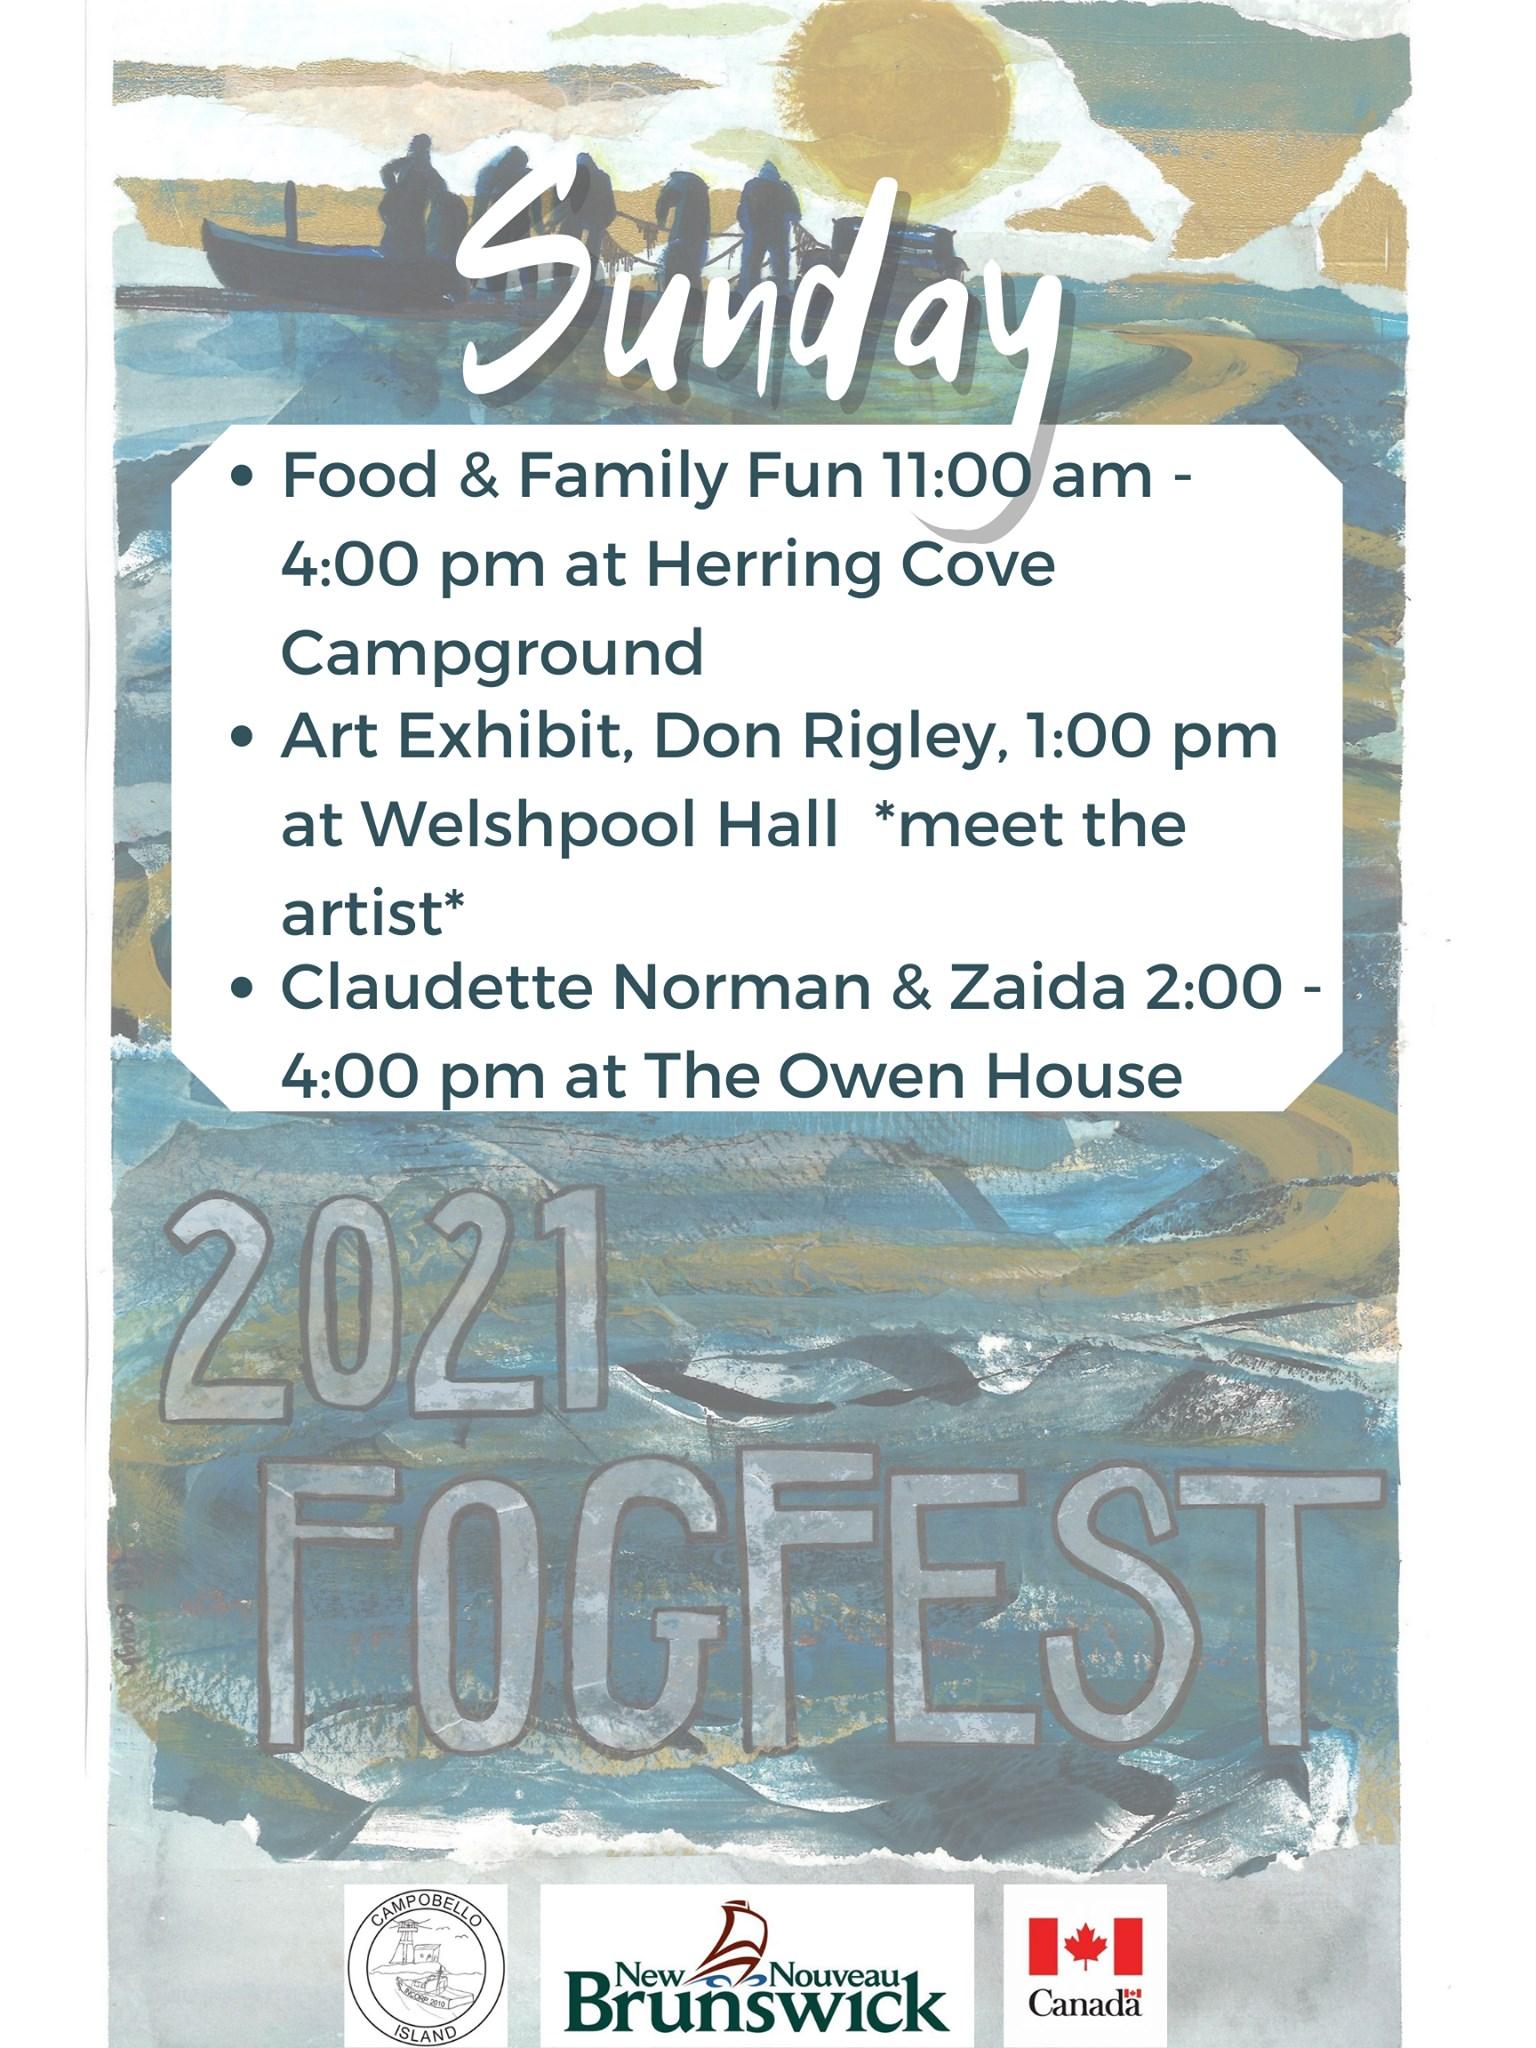 Fogfest - Sunday